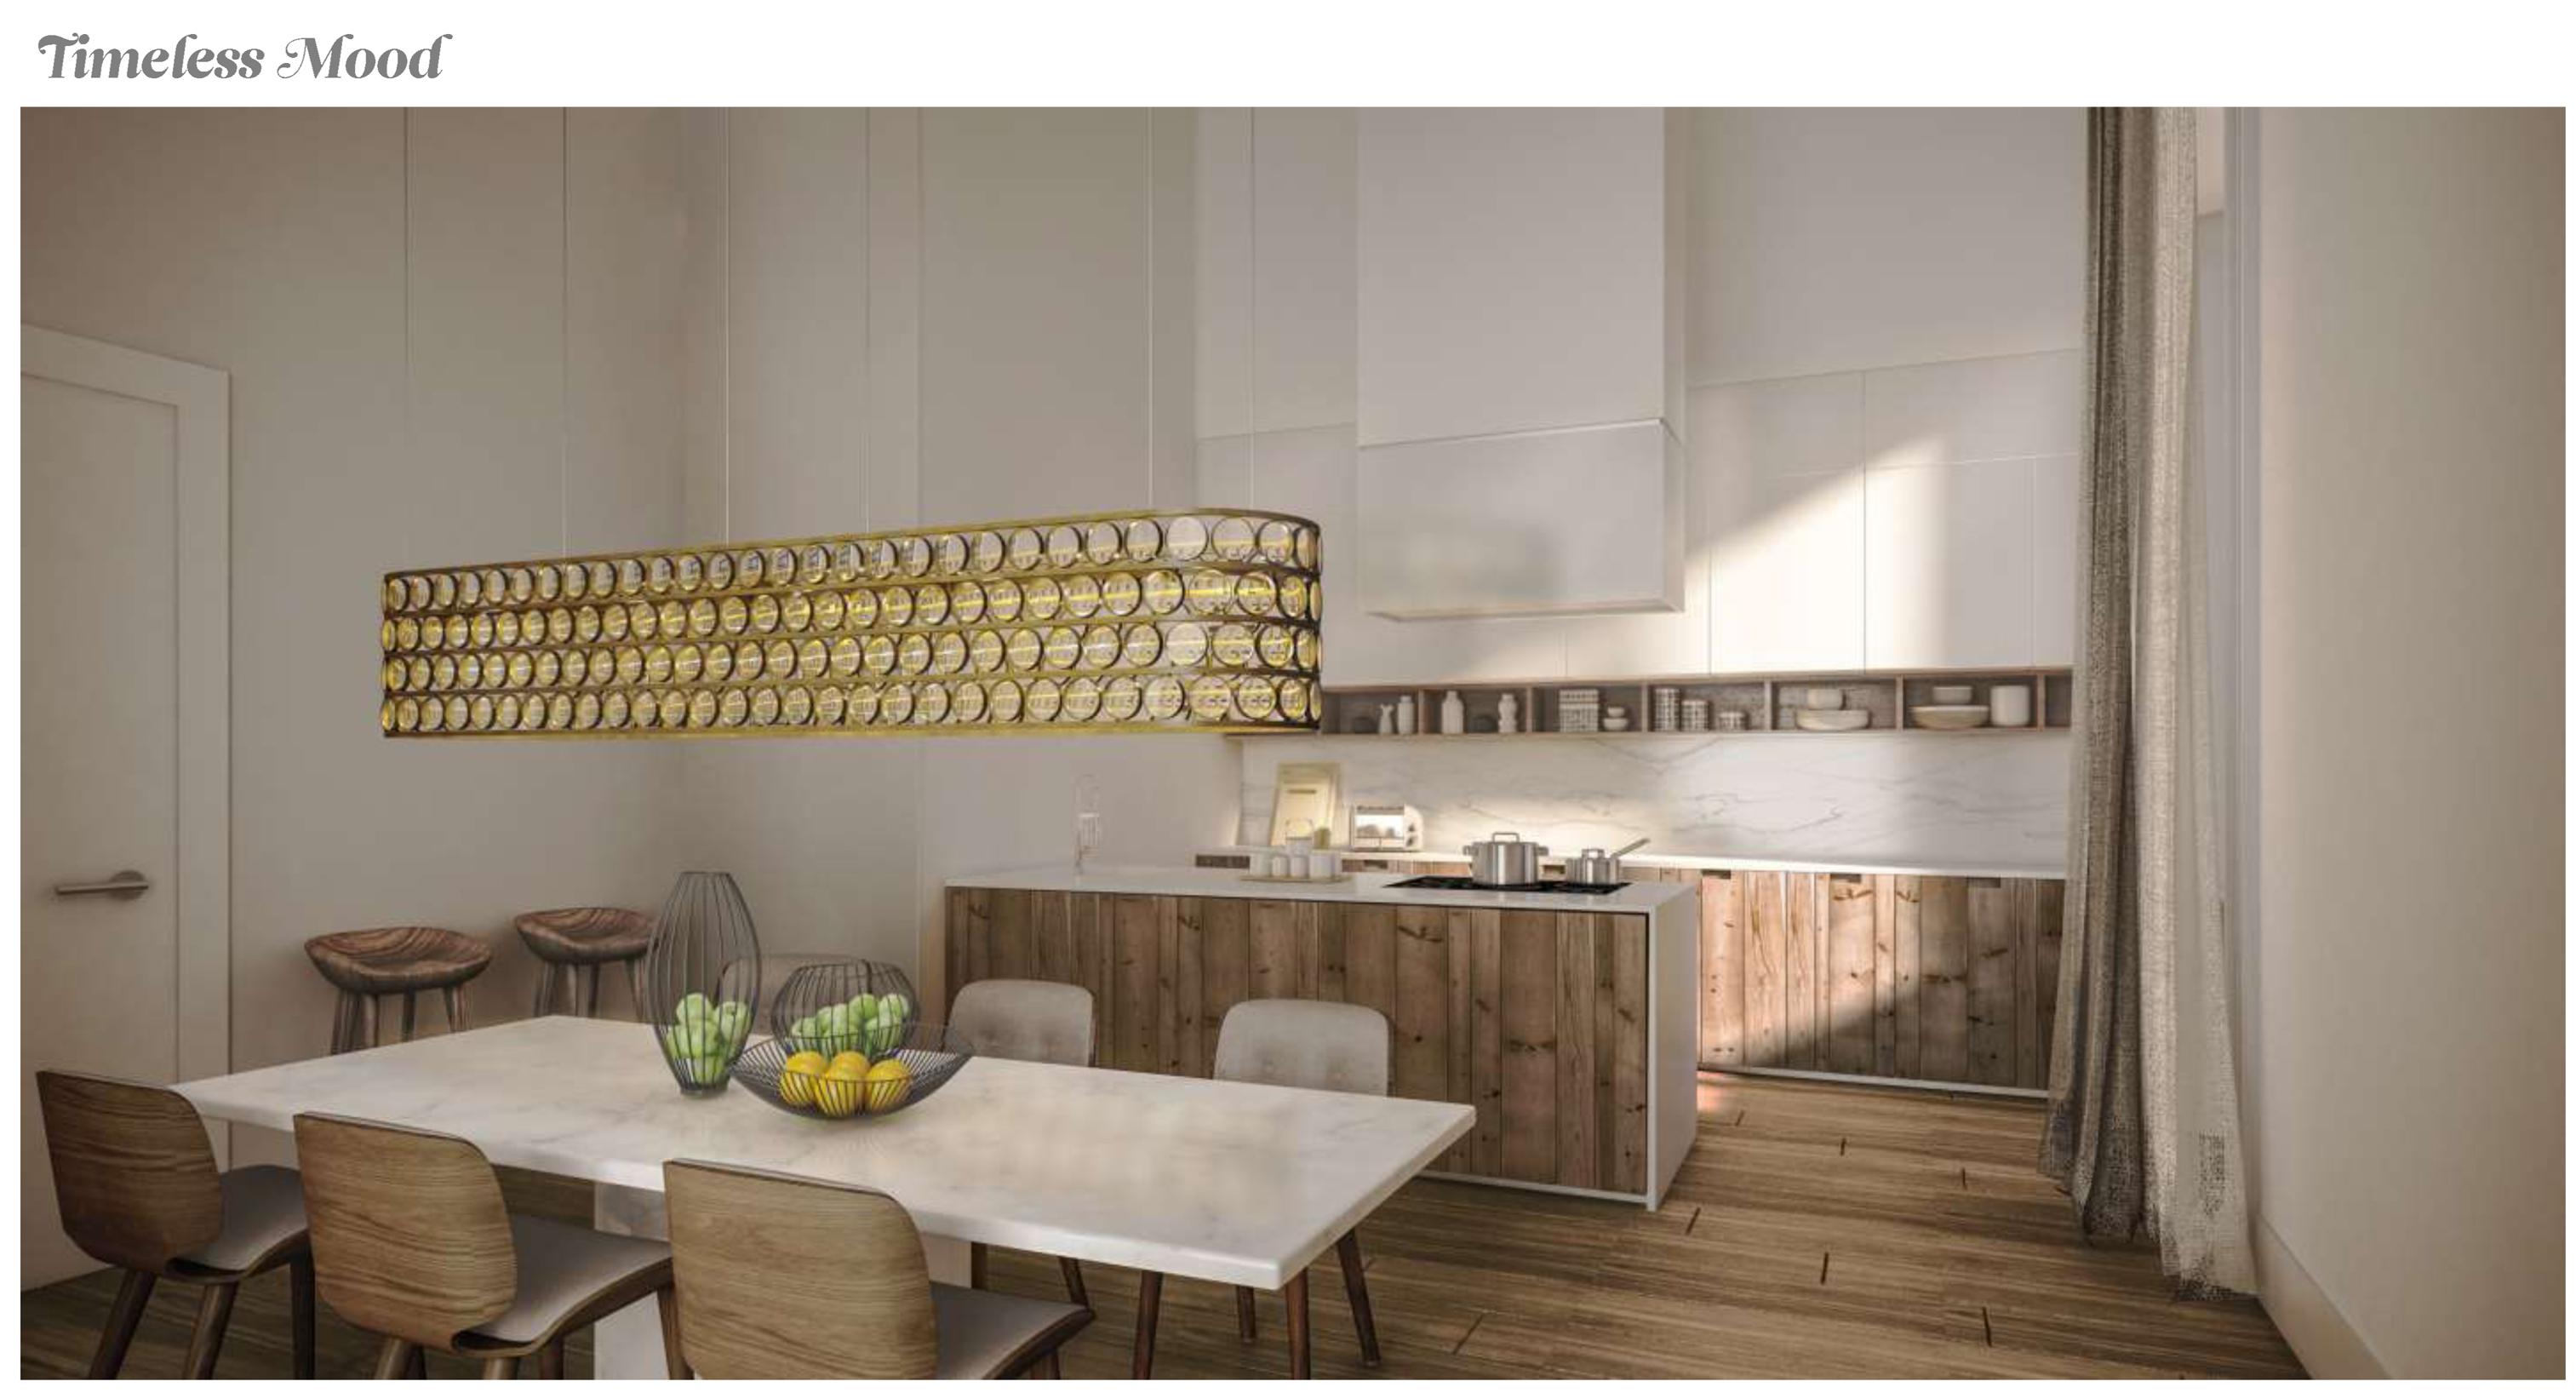 Arredi le cucine palazzo delle poste e telegrafi salerno - Tipologie di cucine ...